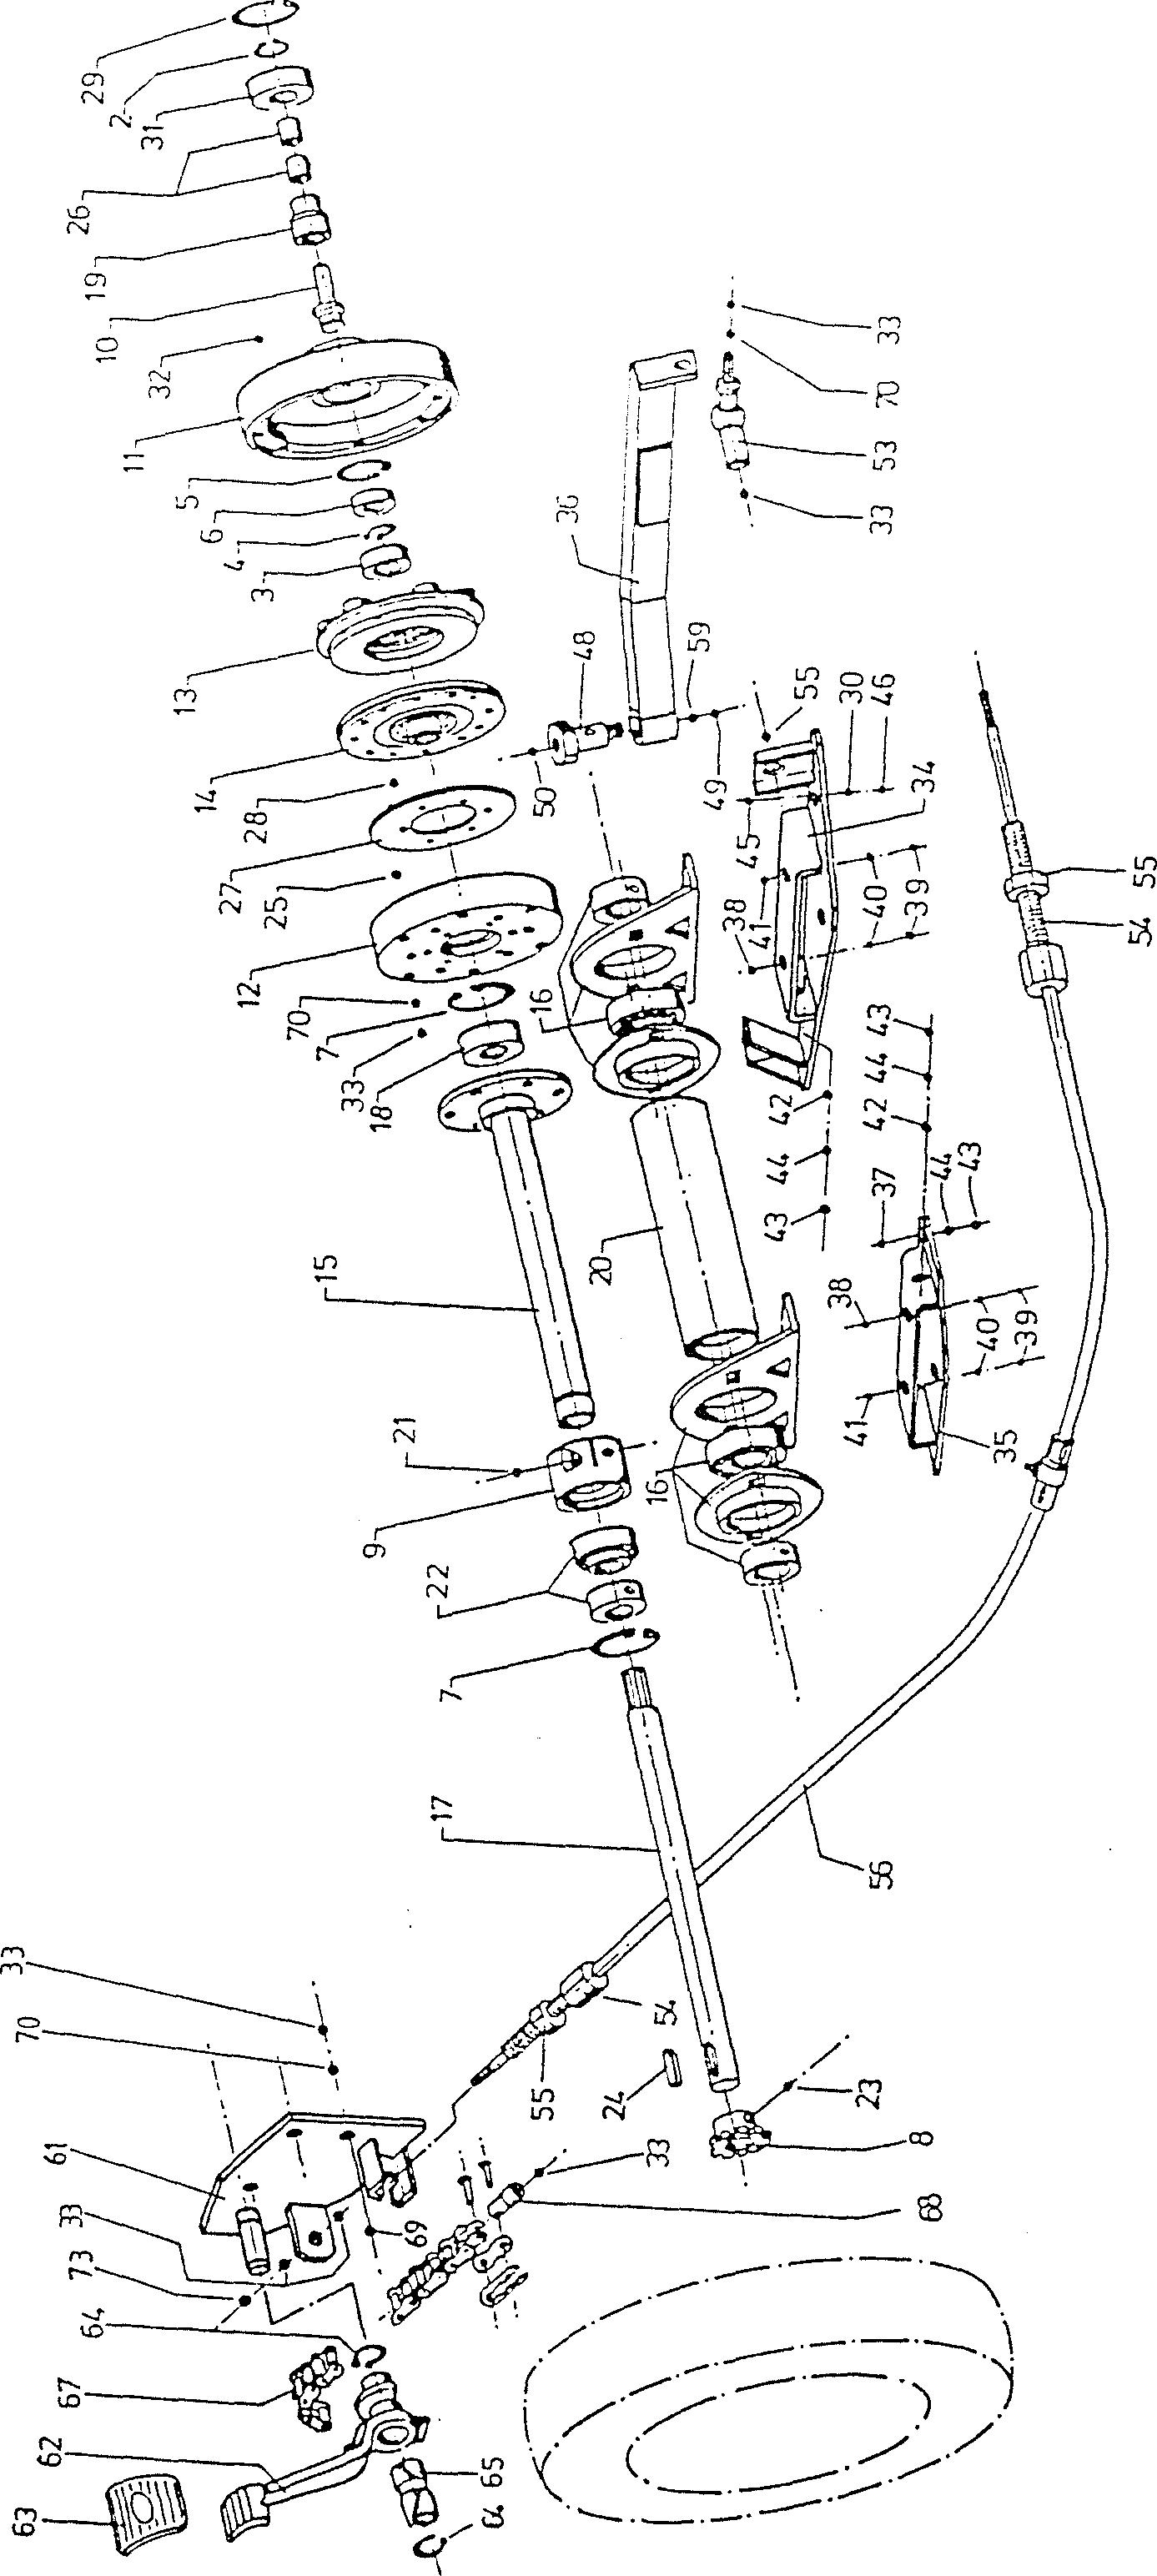 Hexagonal vis avec GEW à tête DIN 933 8.8 Acier galv rép Disp M 3-M 6